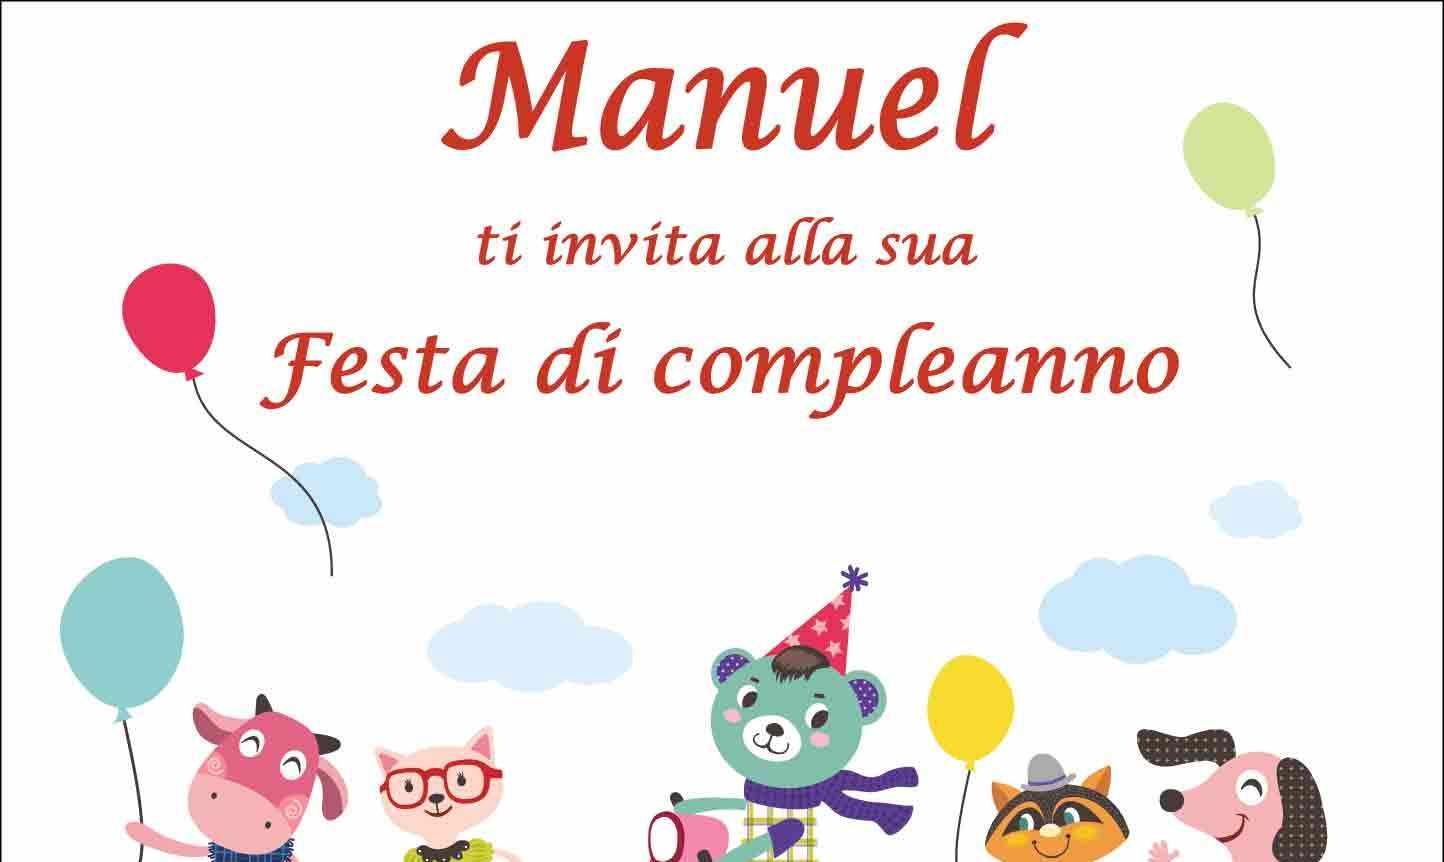 Biglietti Compleanno Da Stampare Manuel Buon Compleanno